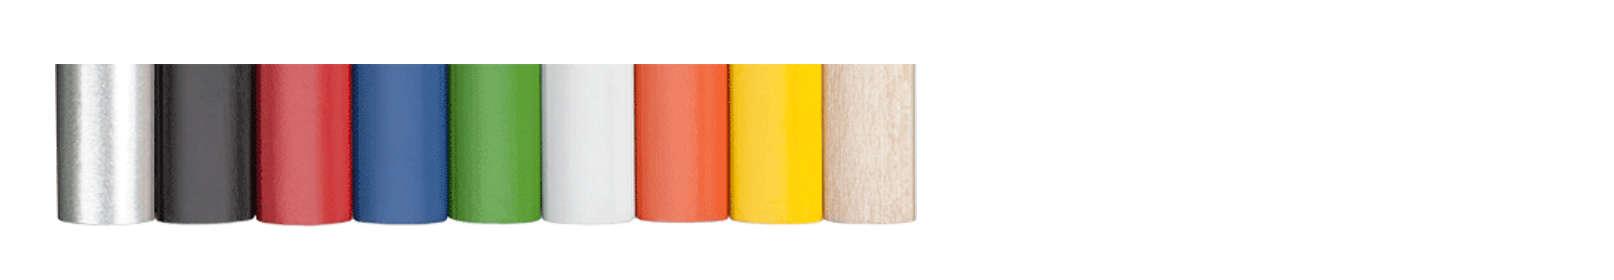 Bleistiftfarben, Reidinger, Bleistift, Bleistifte, Stifte, Werbe-Stift, Werbebleistift,